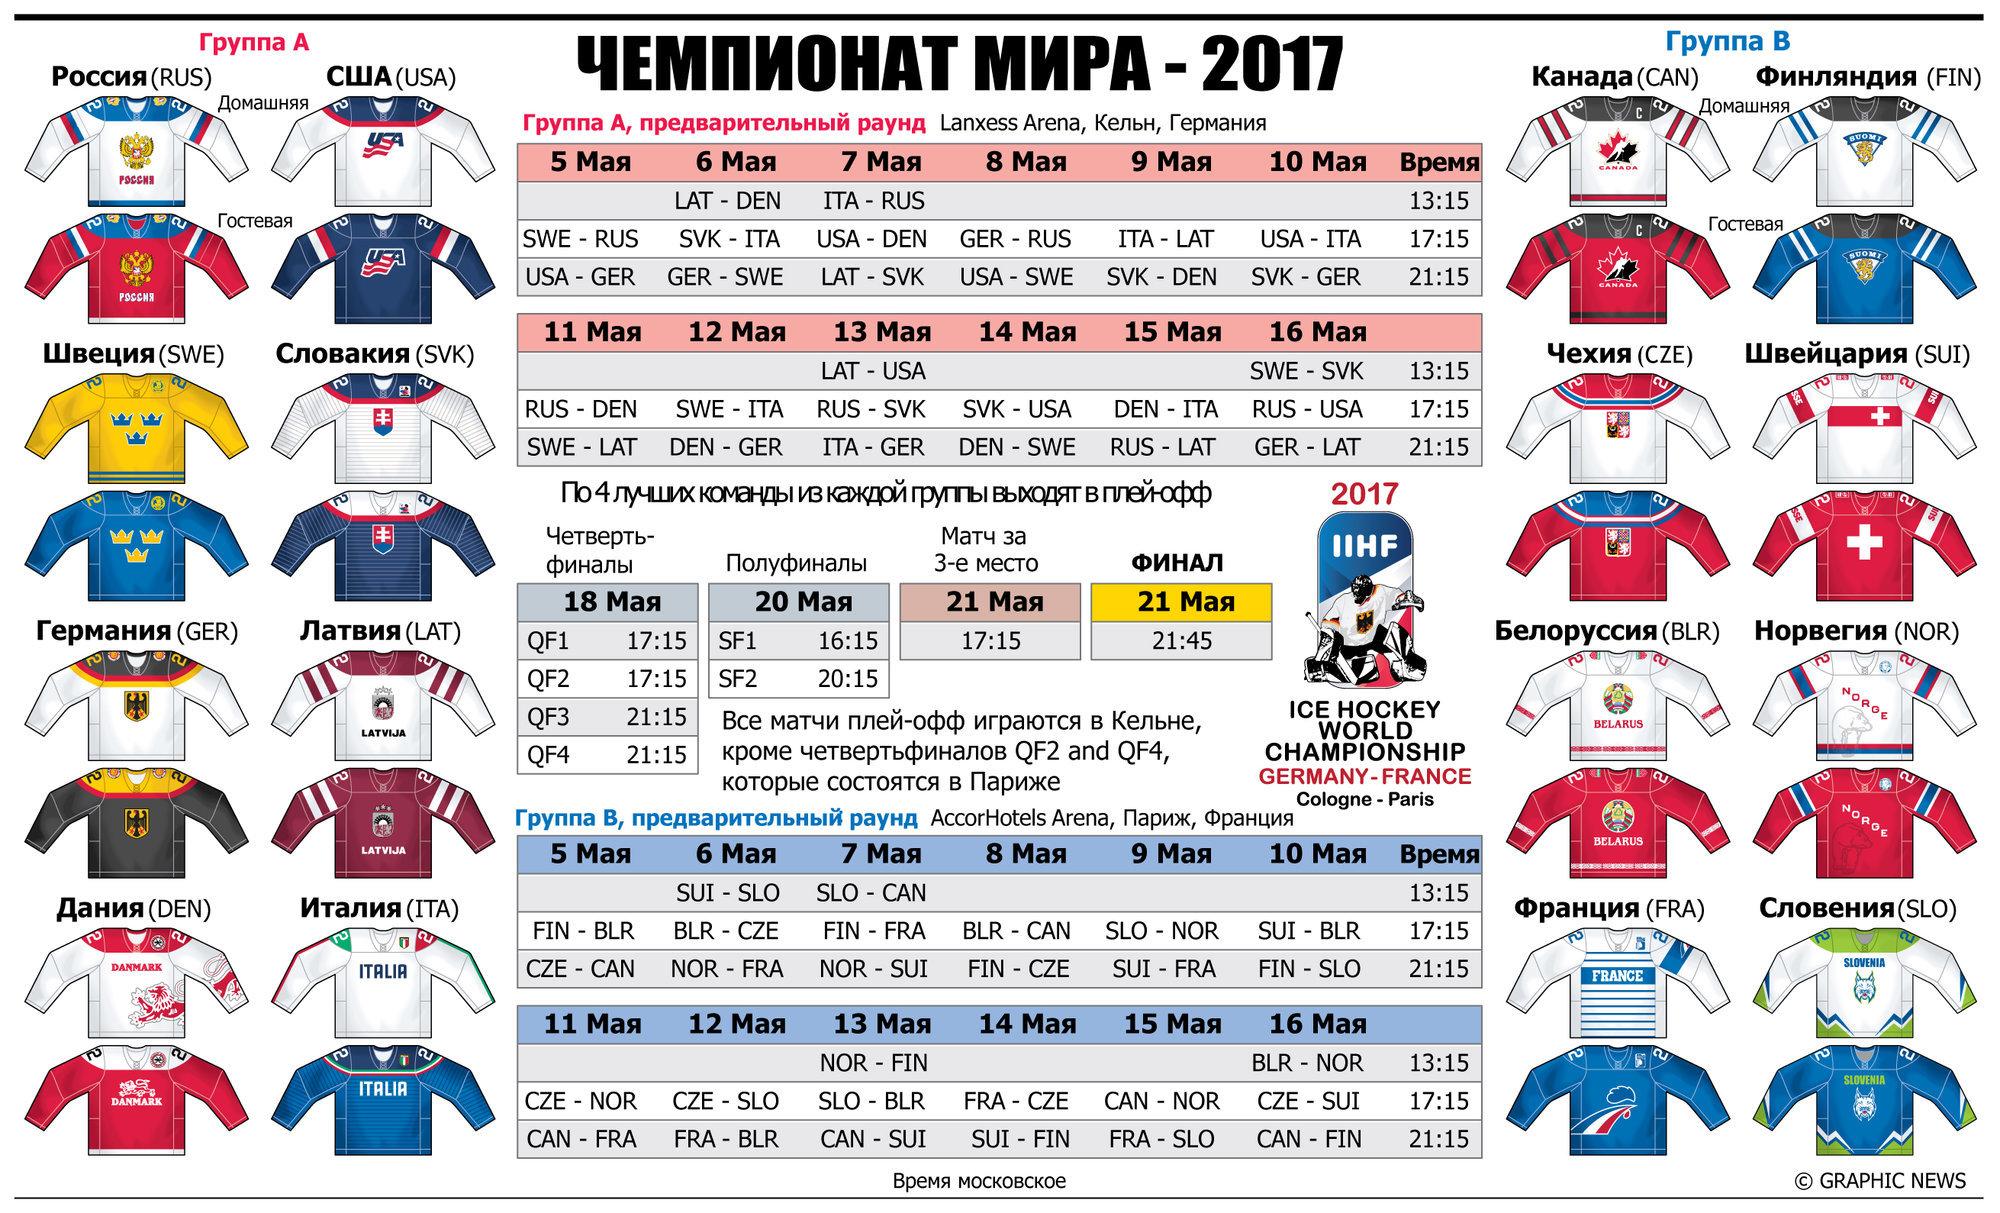 Турнирная таблица чм 2017г по хоккею с шайбой